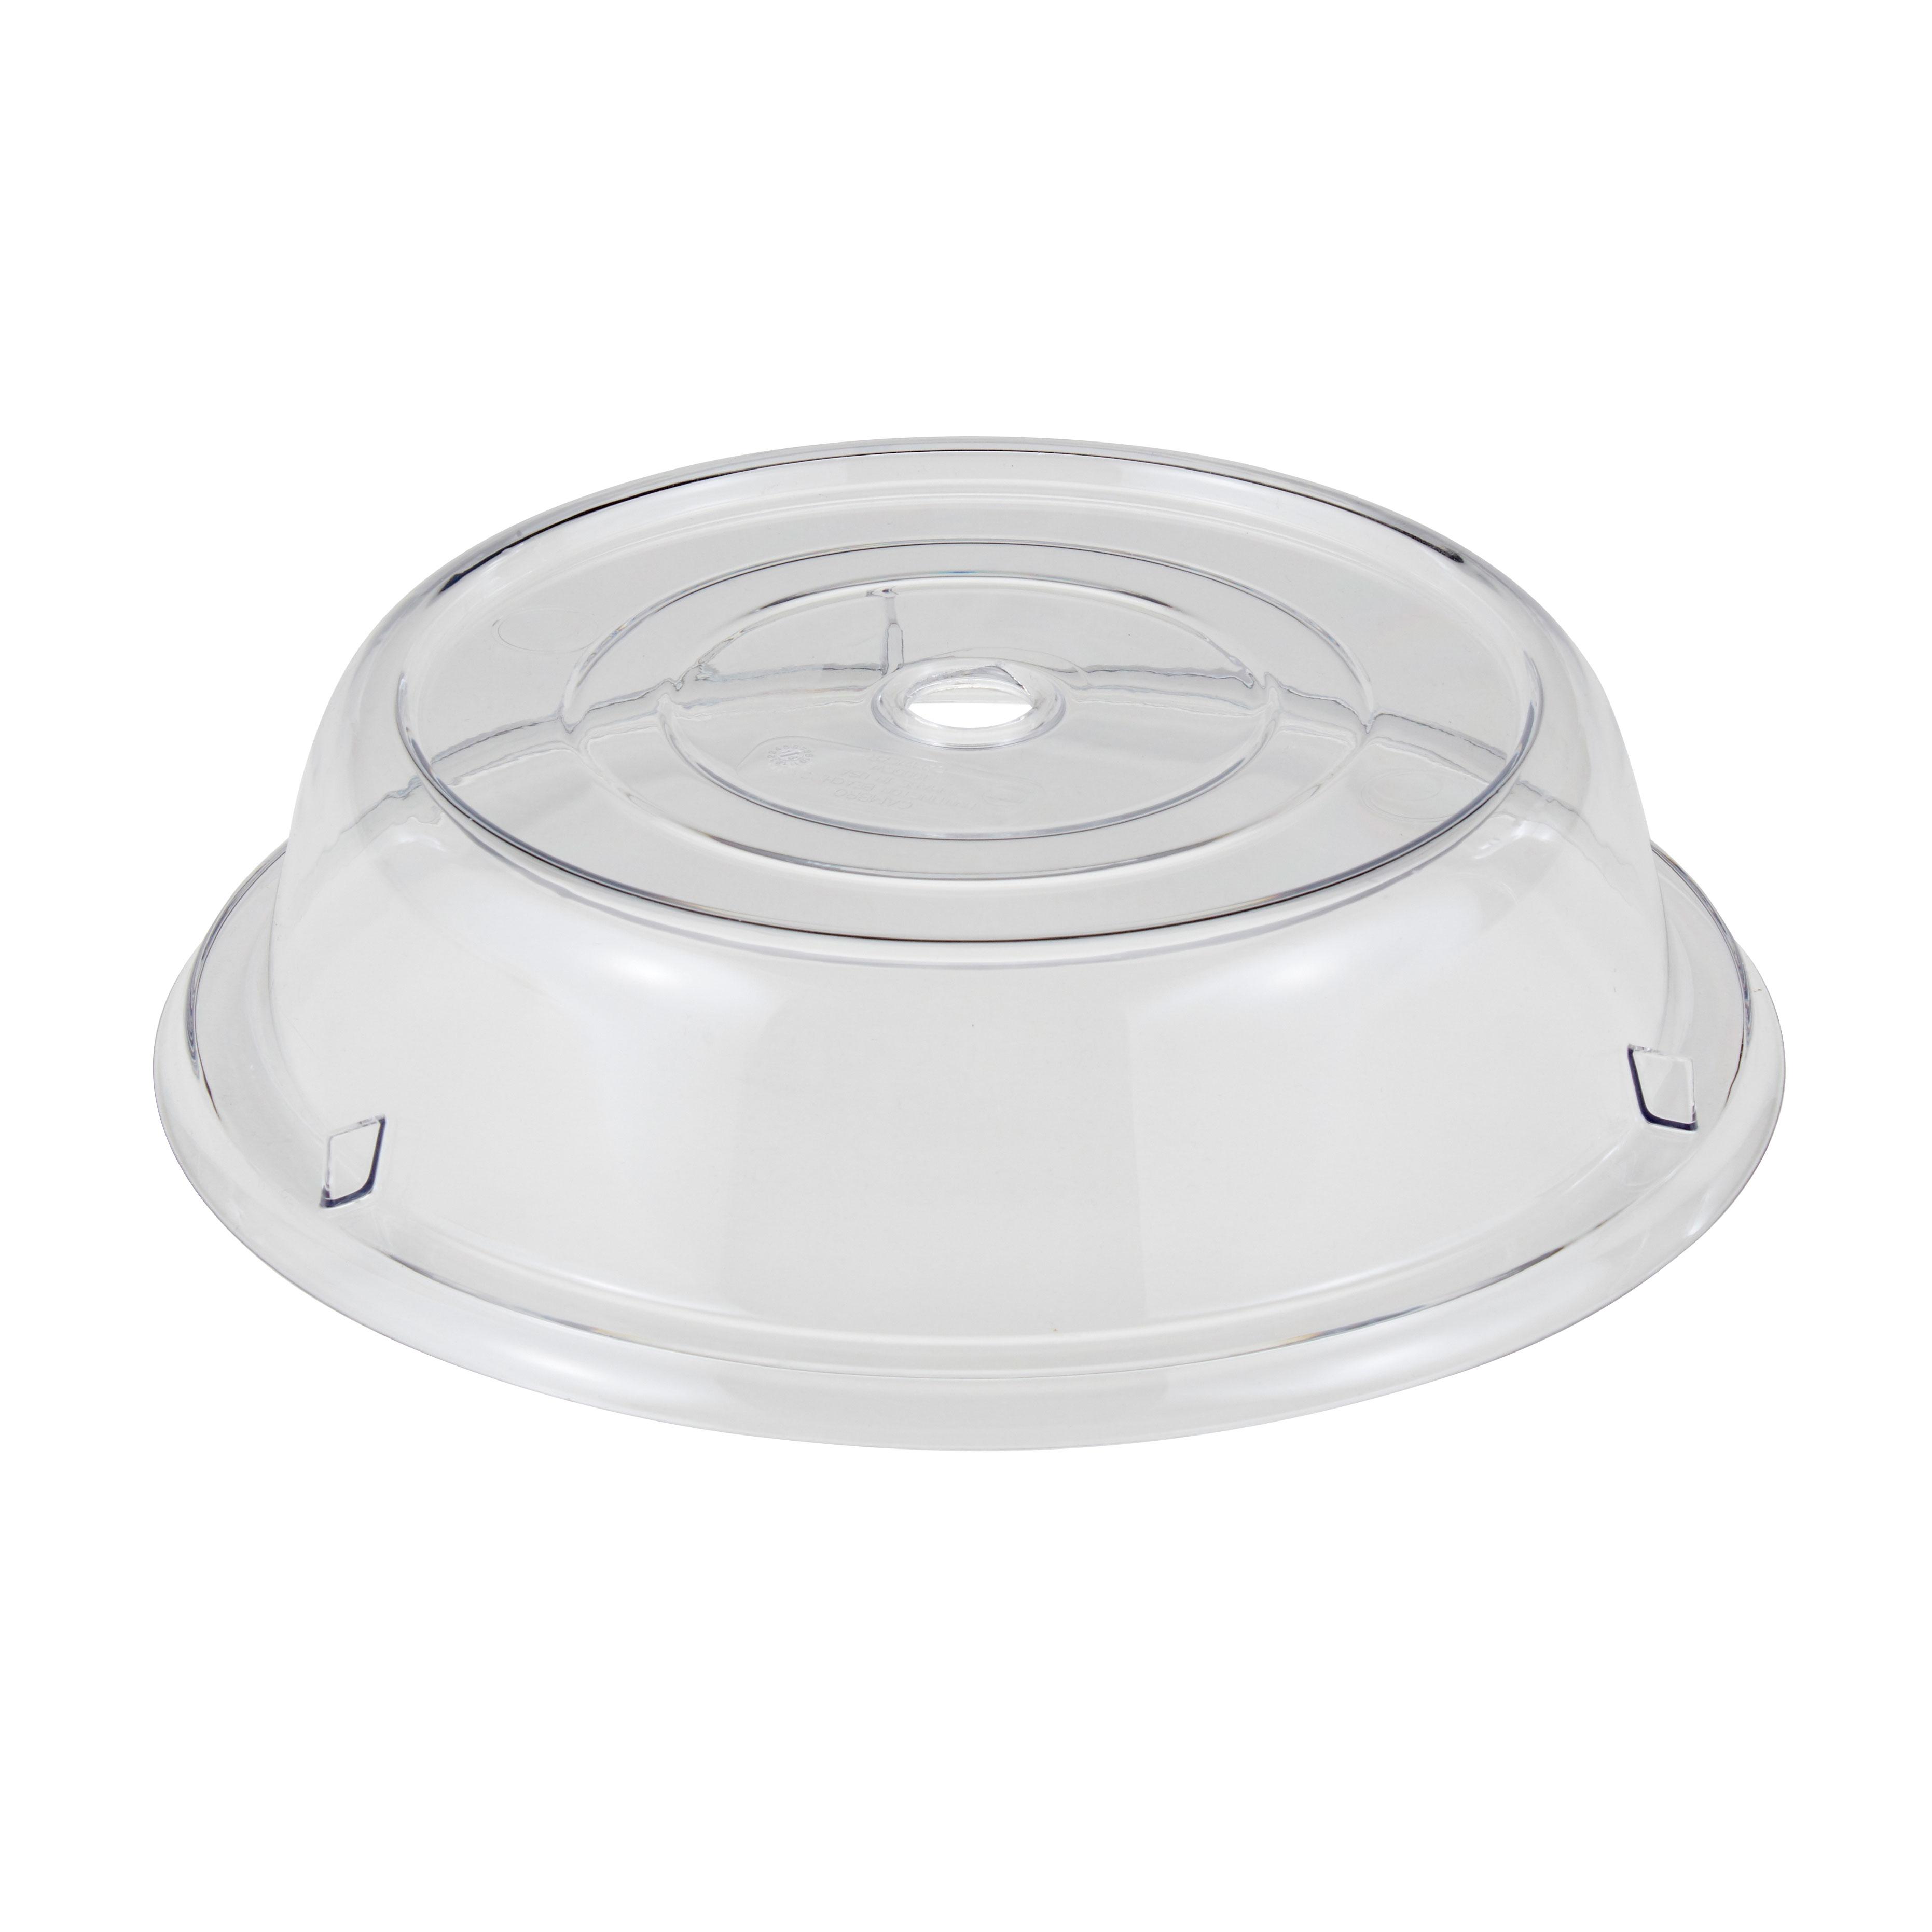 3225-152 Cambro 1005CW152 plate cover / cloche